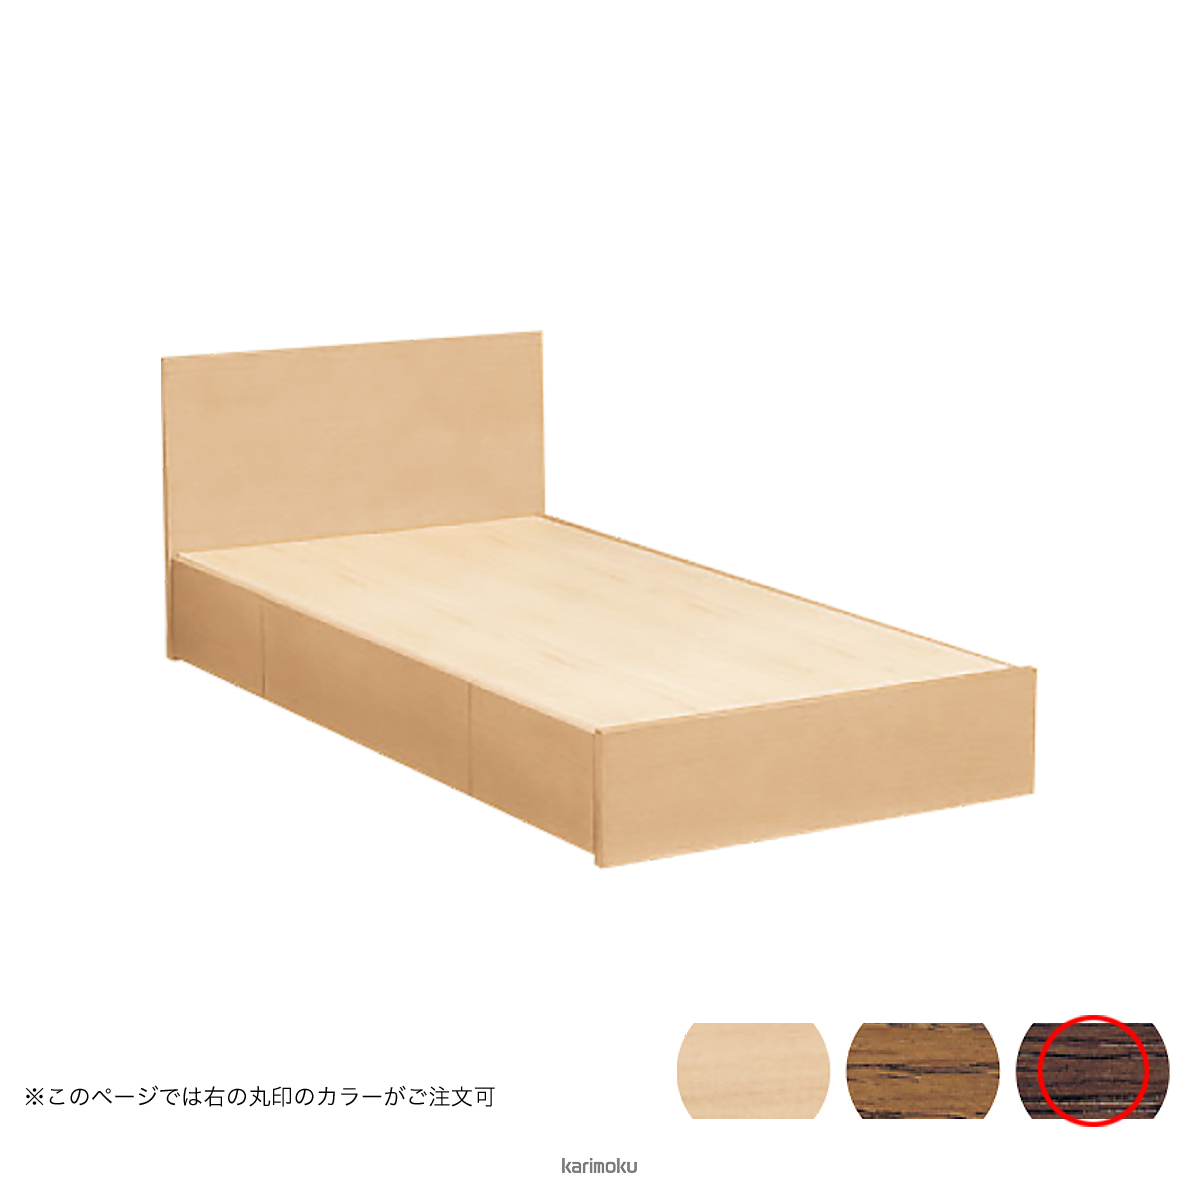 カリモク 子供用ベッド NT23SB ベッドフレーム (モカブラウン色)【全国送料無料】【同梱不可】【店頭受取対応商品】